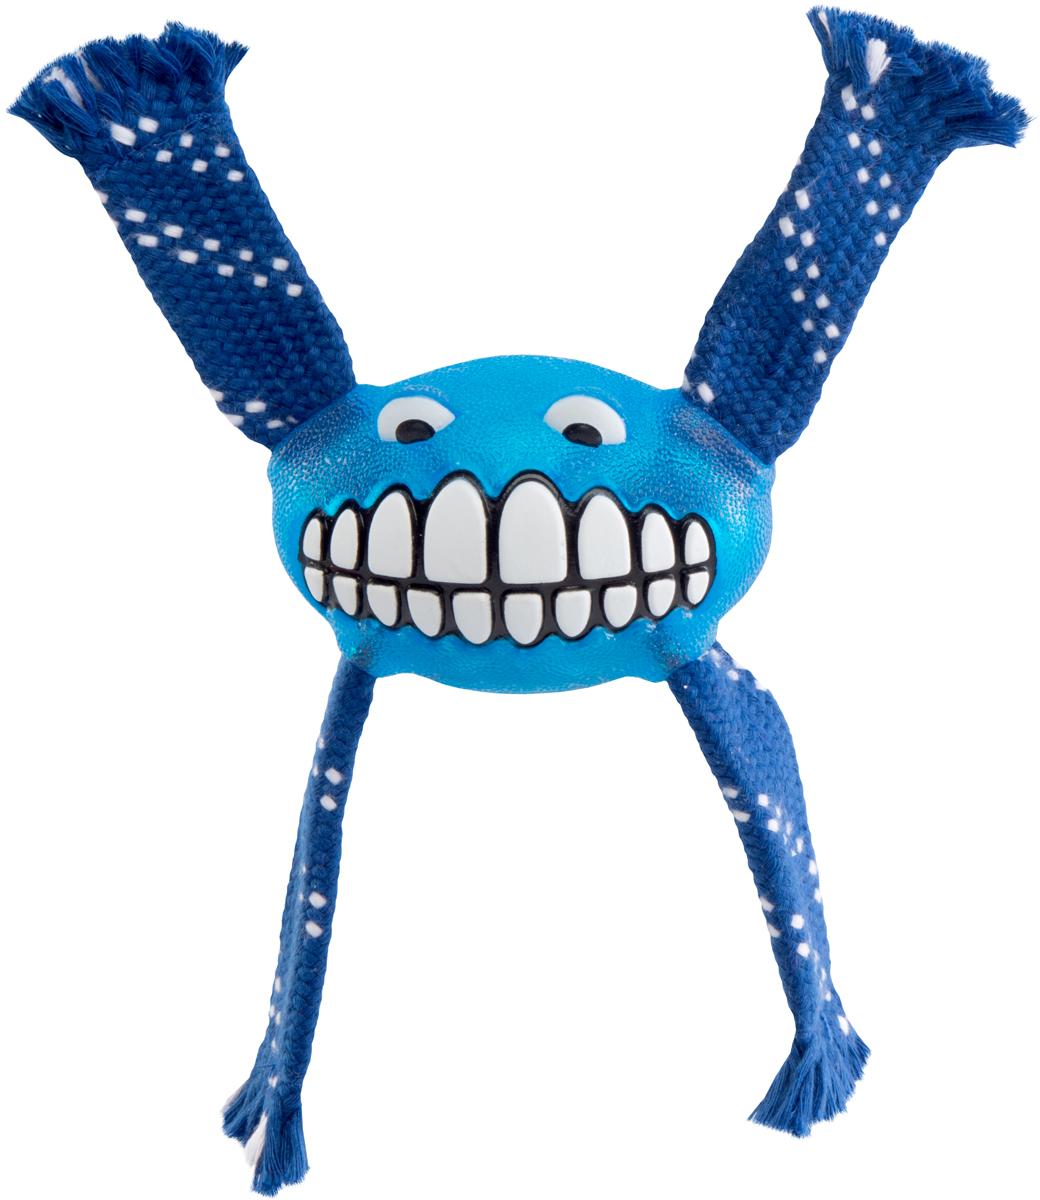 Игрушка для собак Rogz Flossy Grinz. Зубы, цвет: синий, длина 16,5 смFGR01BИгрушка для собак Rogz Flossy Grinz. Зубы типа Отними - очень прочная и крепкая.Внутри – пищалка, что поддерживает интерес животного к игре.Уникальная функция игрушки - чистит язык и зубы.